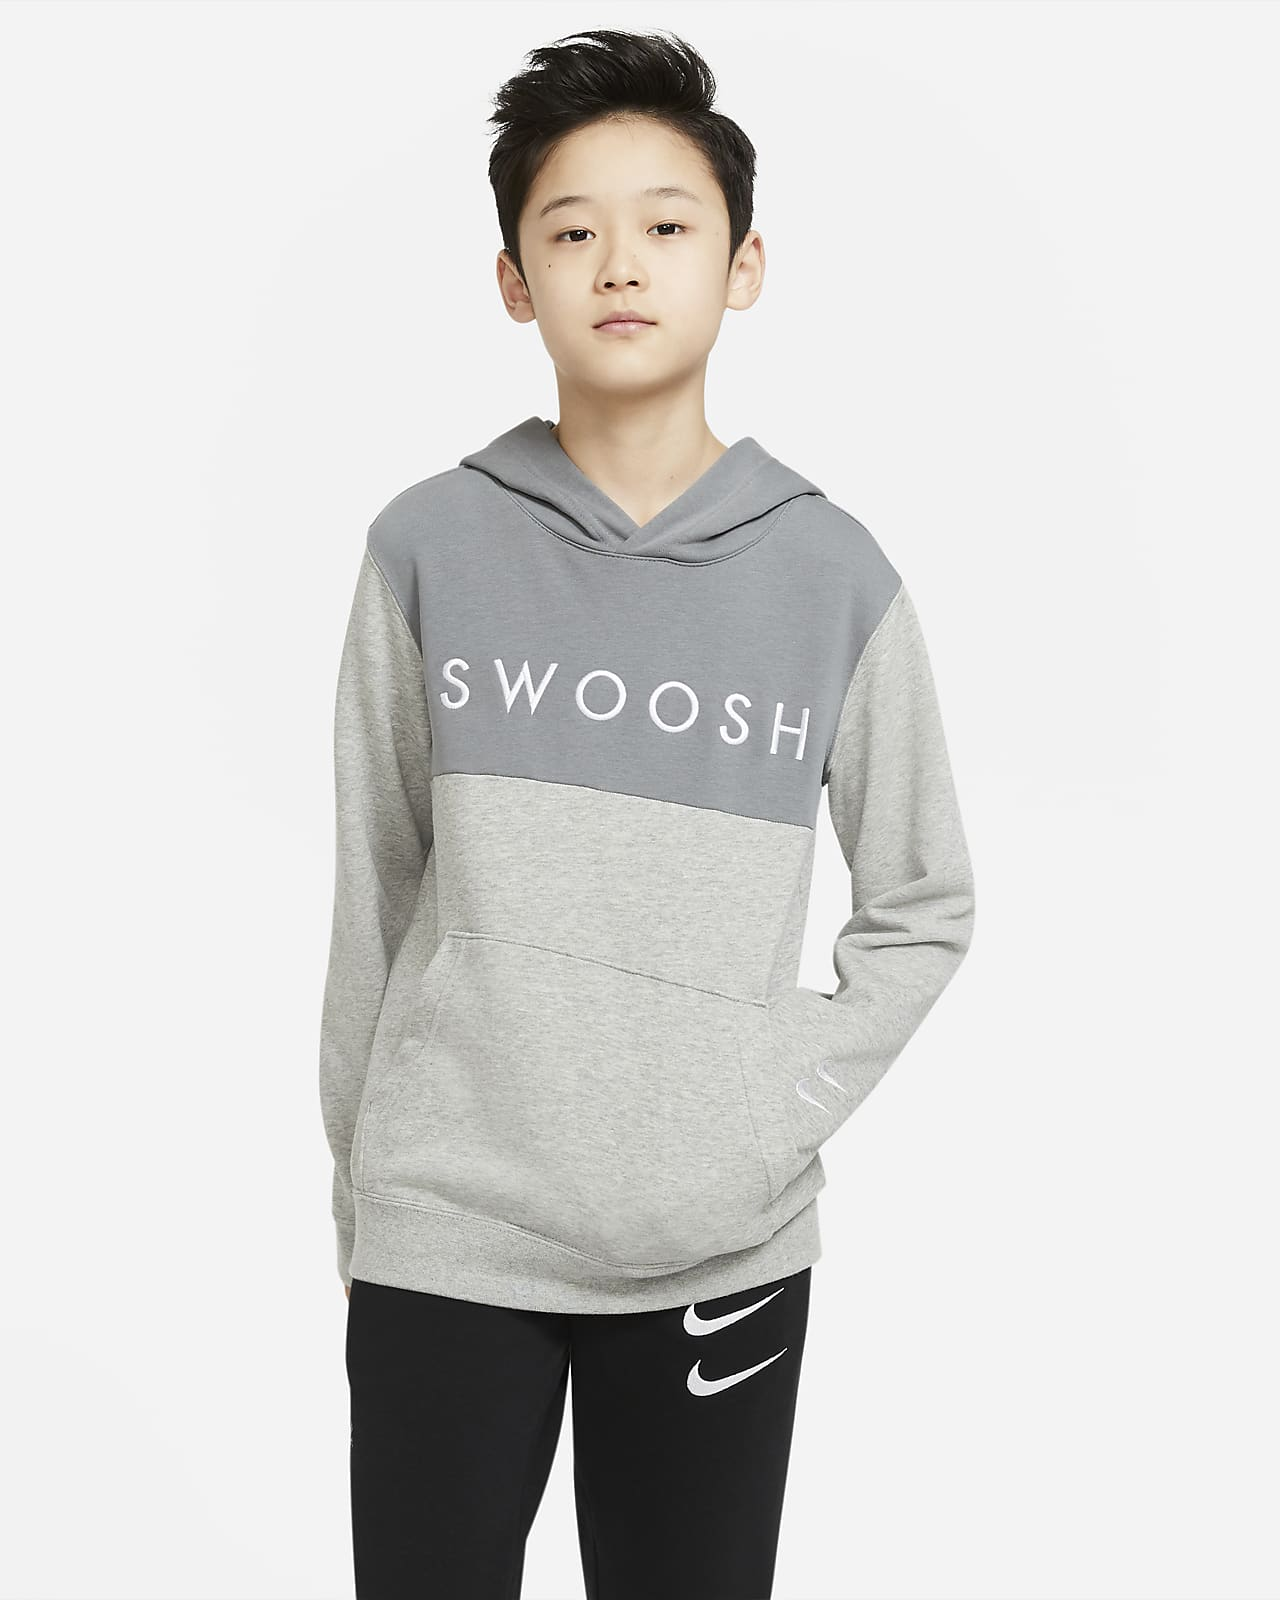 Nike Sportswear Swoosh Hoodie aus French-Terry-Material für ältere Kinder (Jungen)